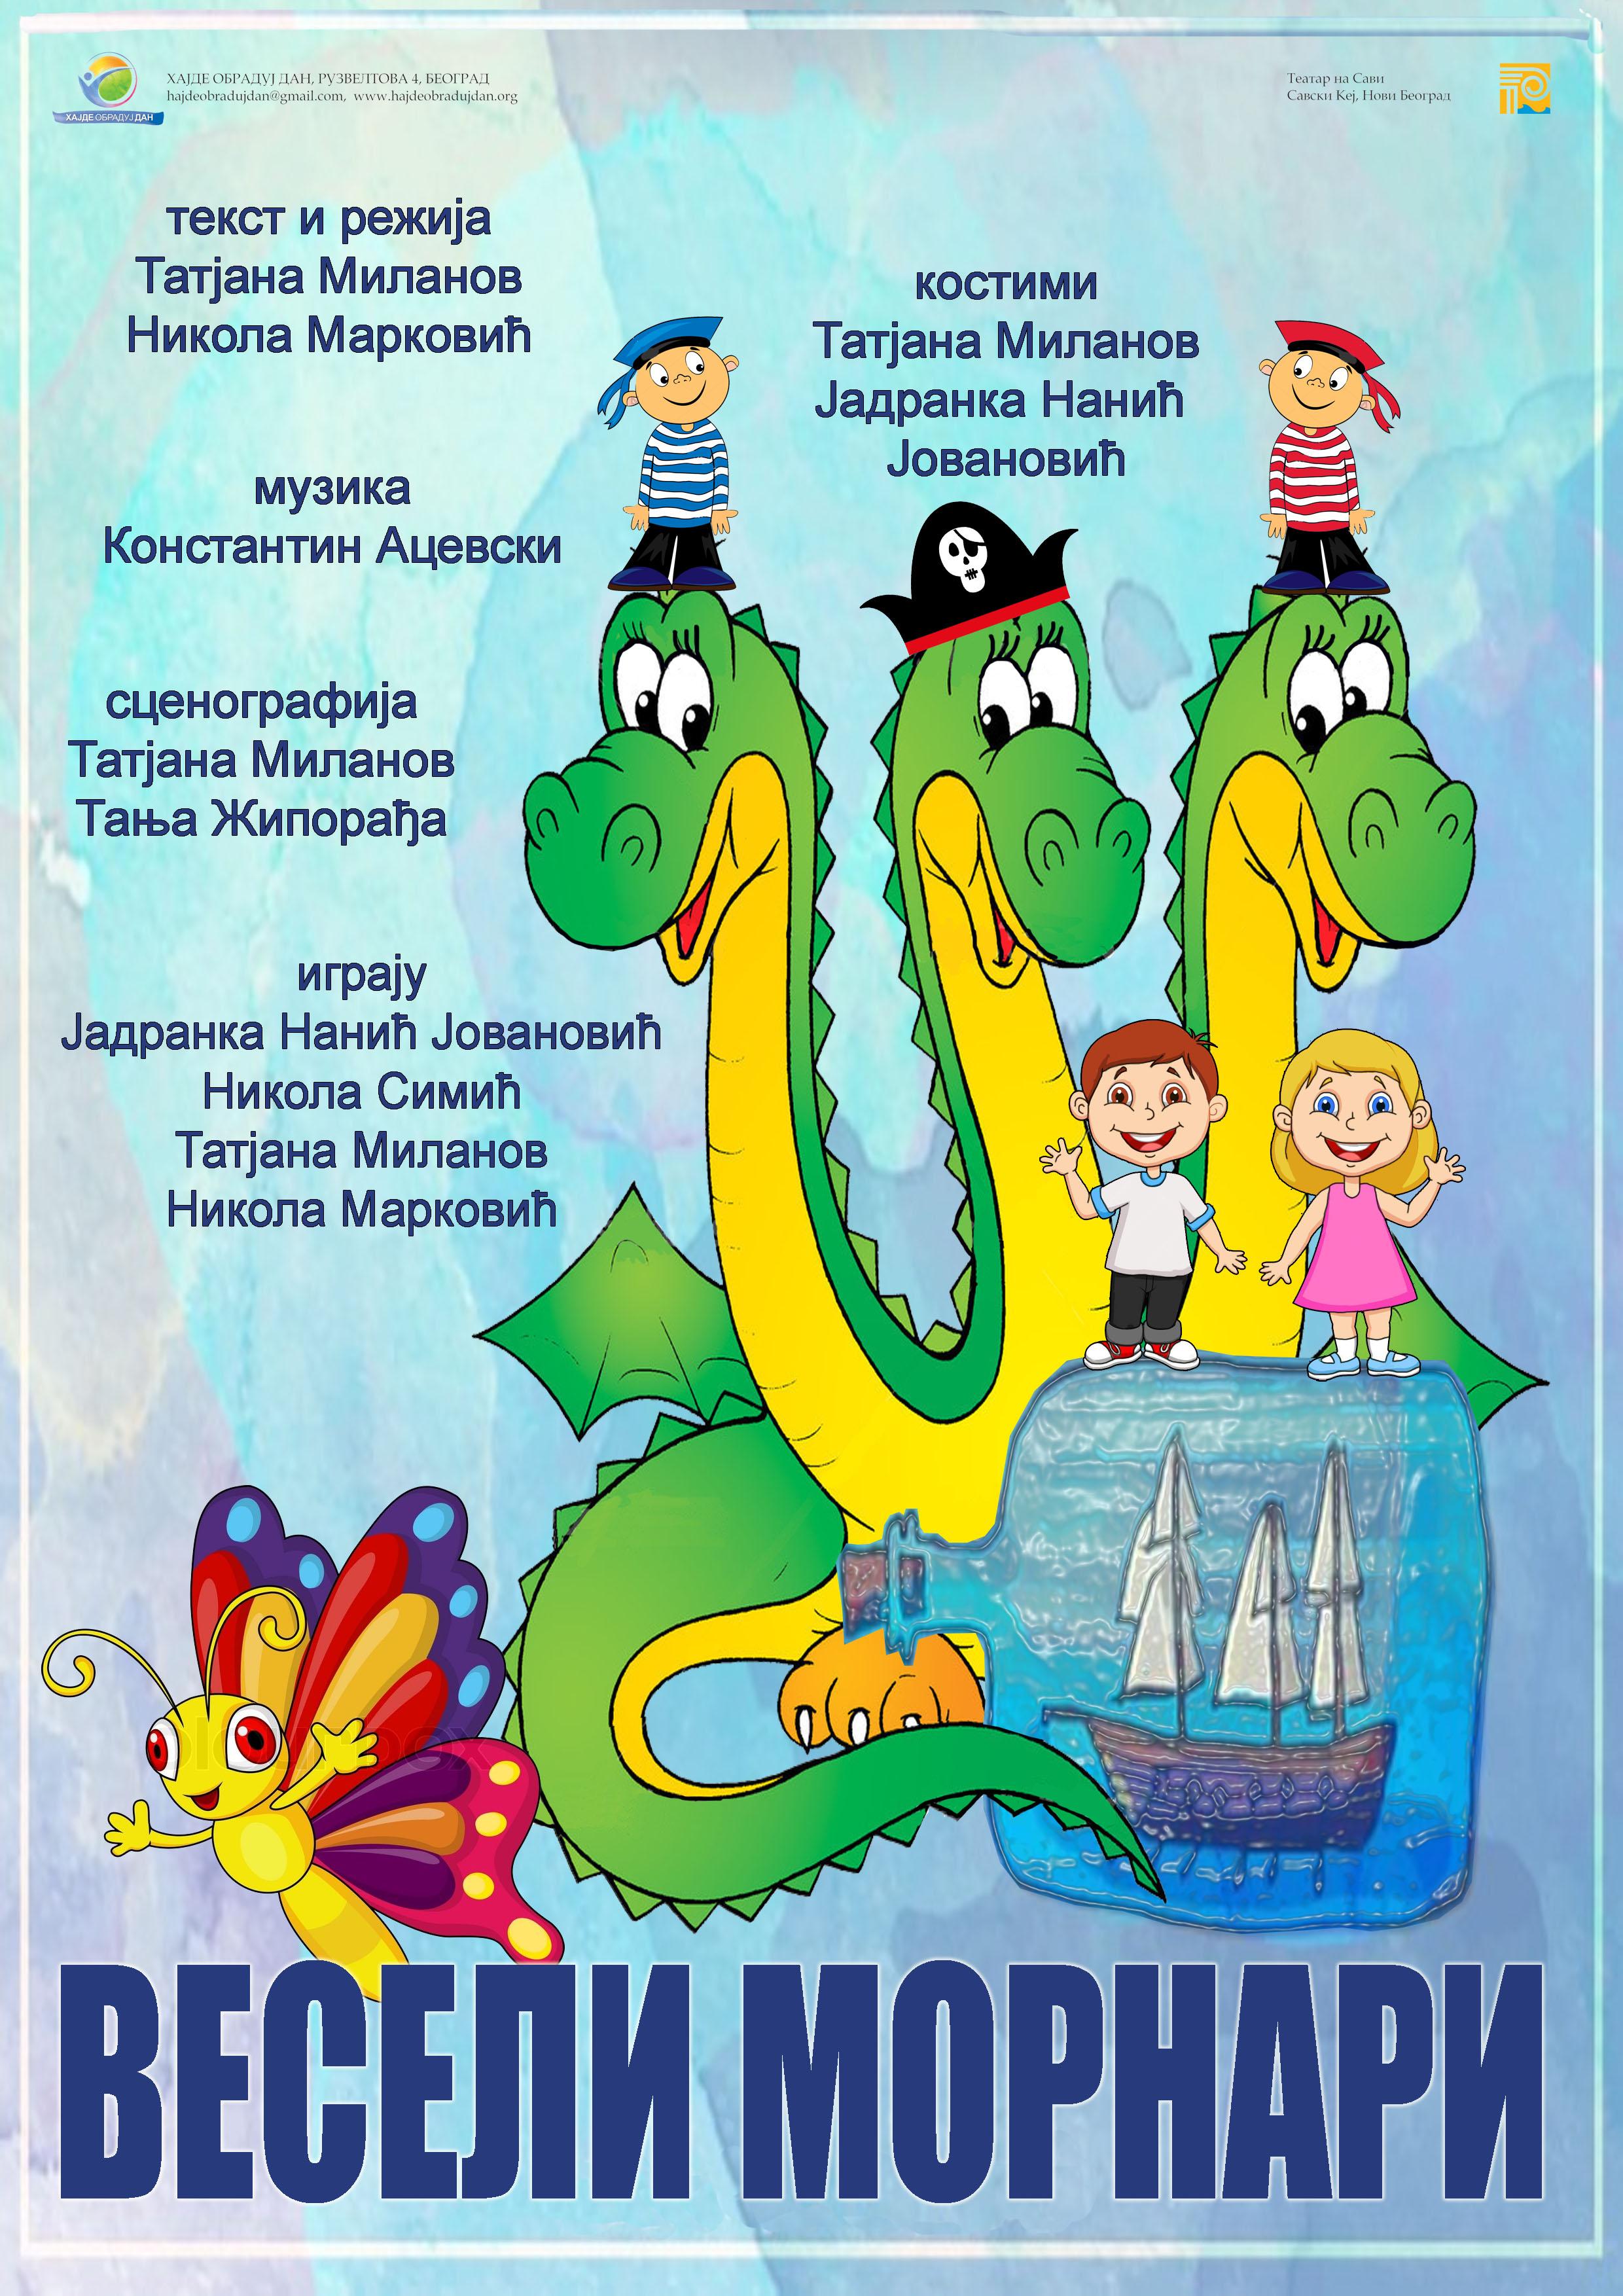 Veseli-mornari-plakat